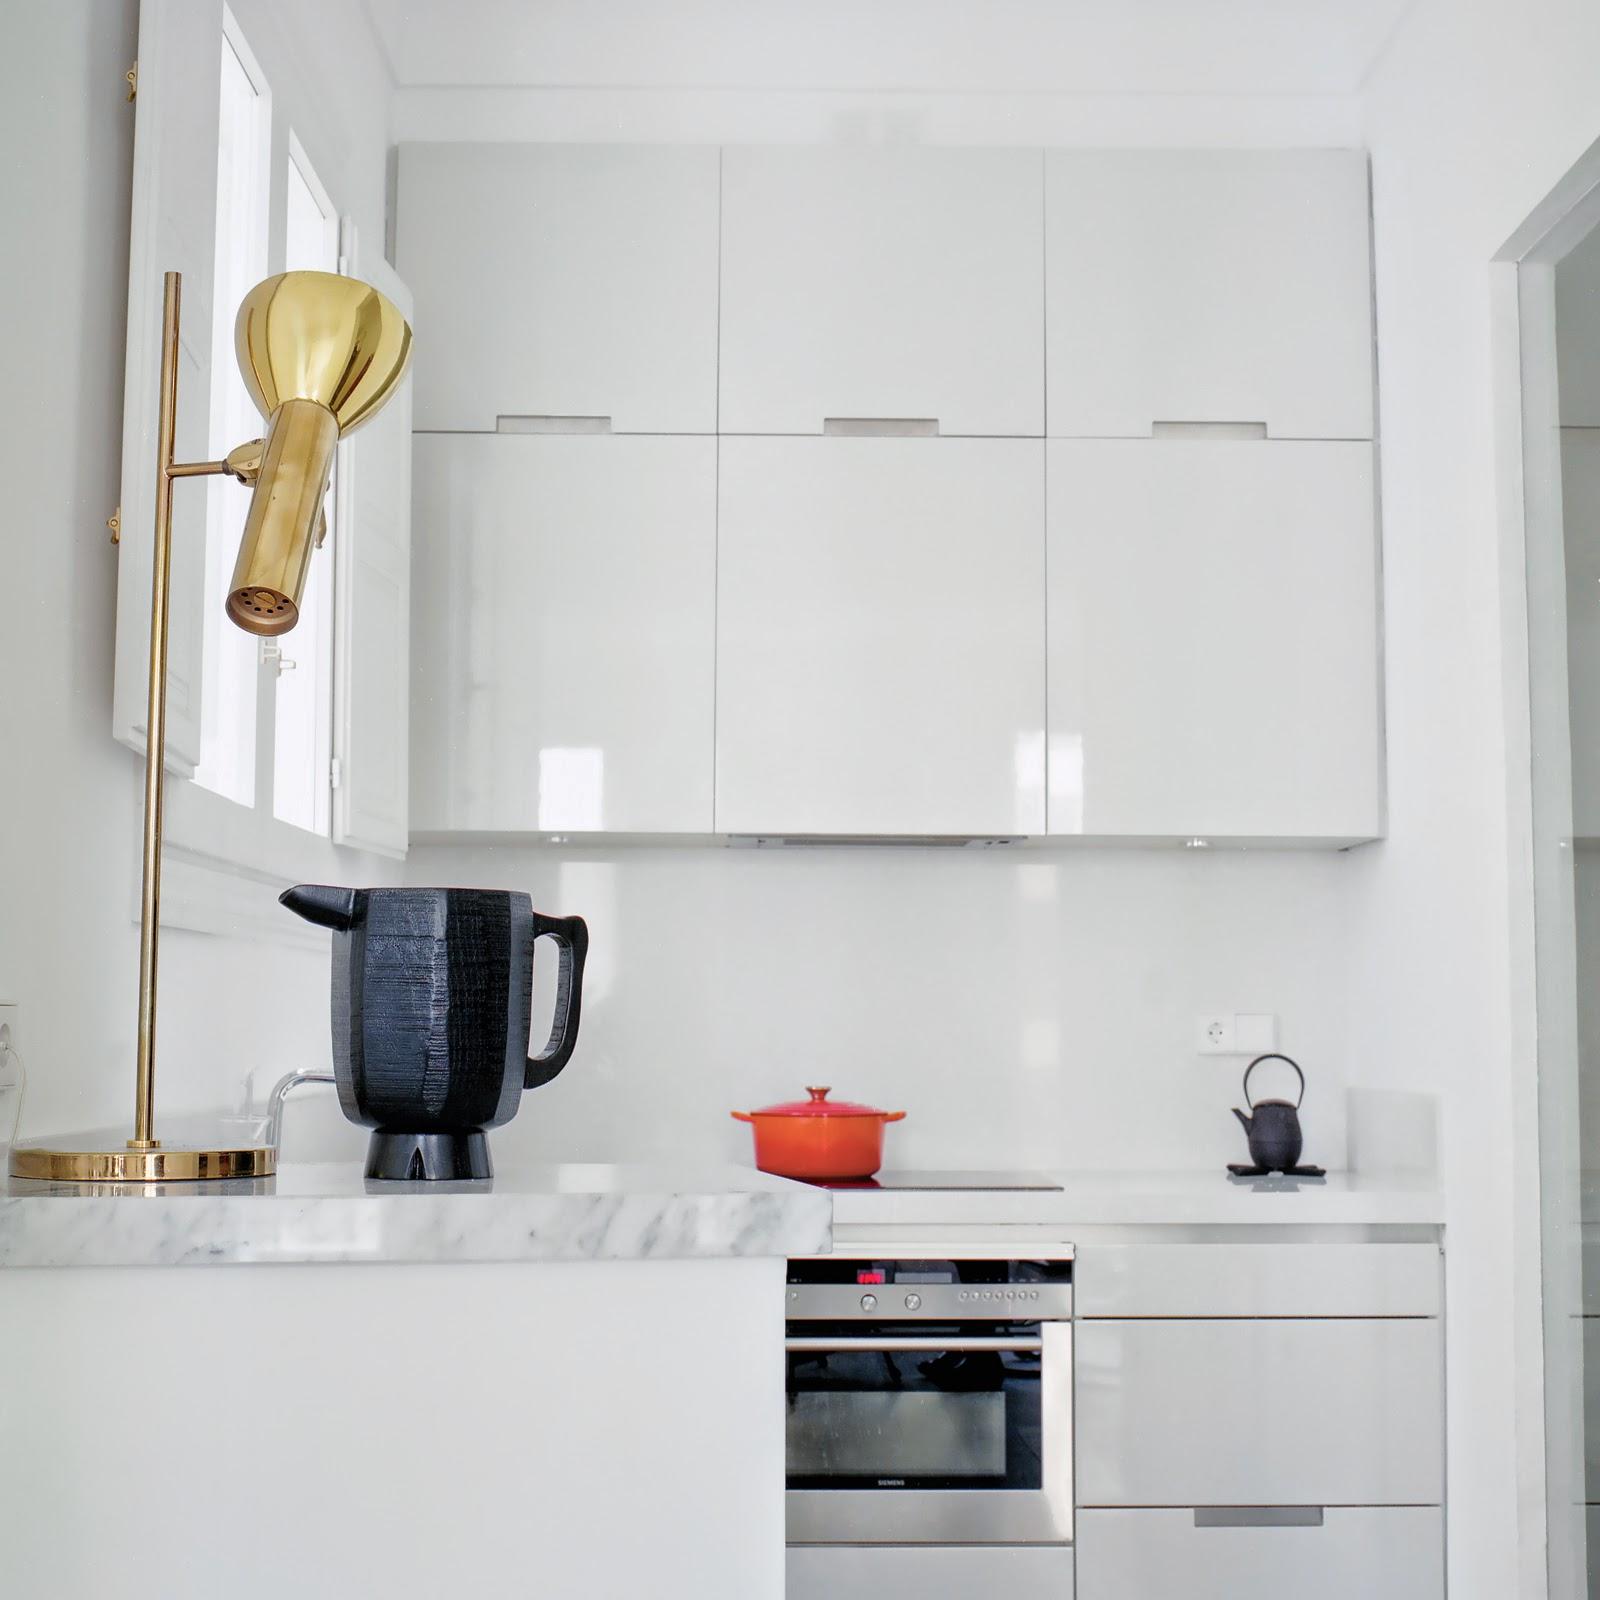 Spanisches Design im Wohnen - Möbel zwischen Neuheiten und Designklassiker